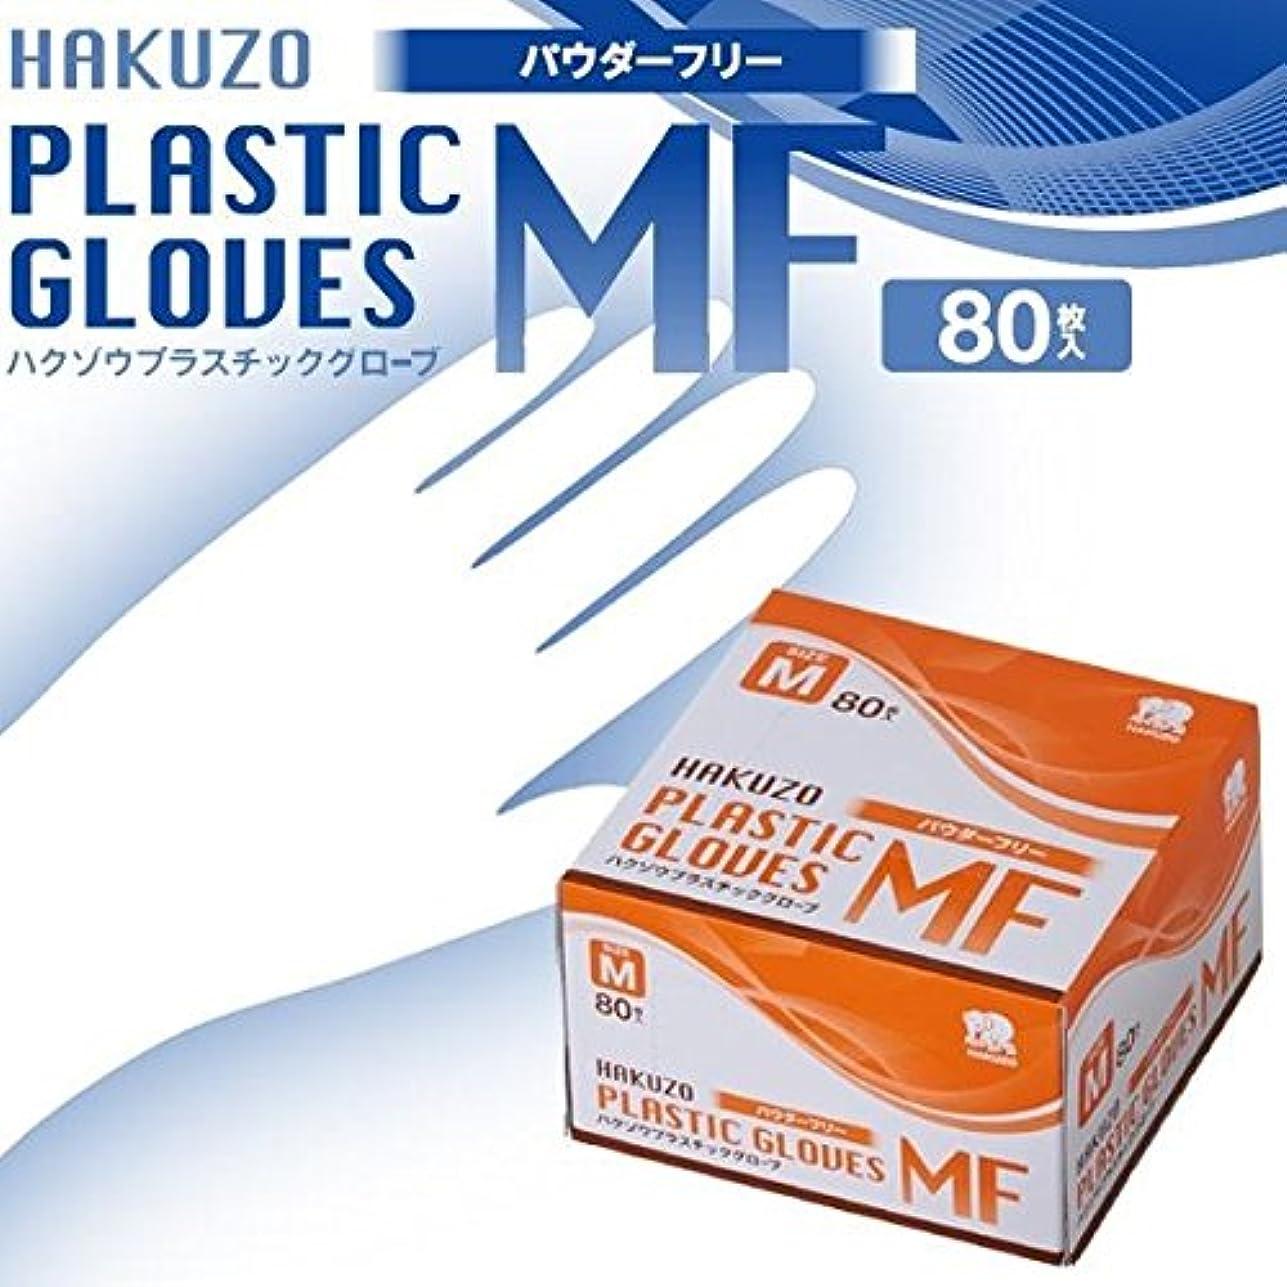 対話ドラフトスモッグハクゾウ プラスチックグローブMF パウダーフリー M 80枚入×6箱セット